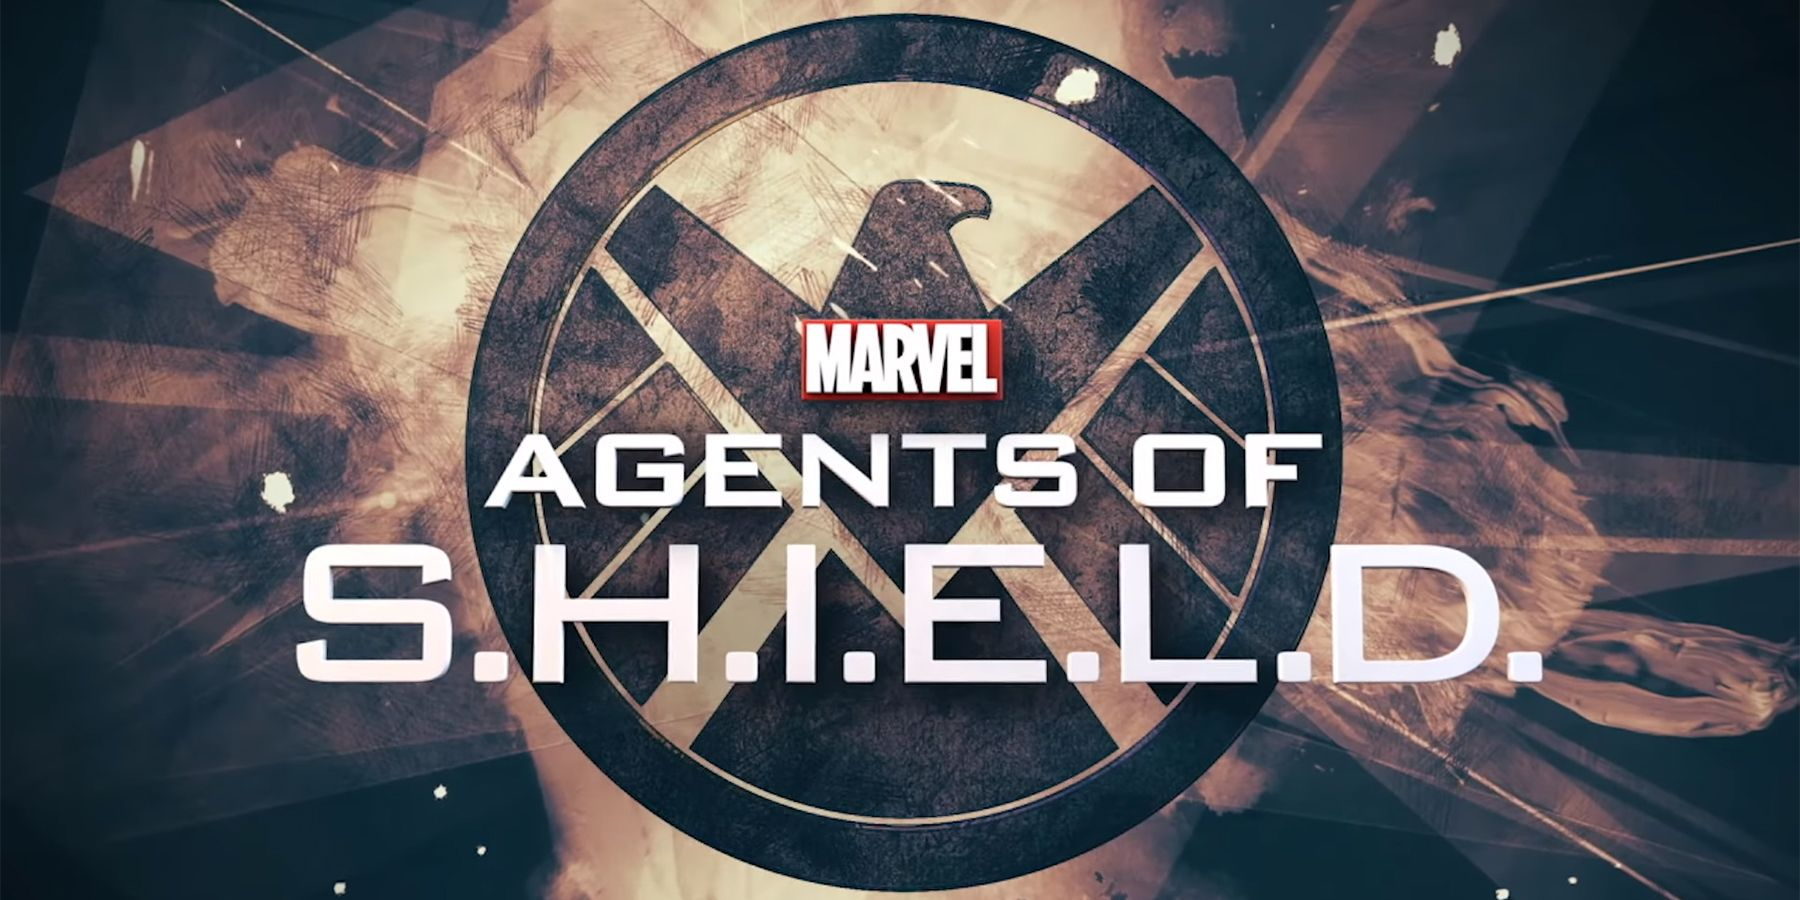 Agents of S.H.I.E.L.D Travels to 1931 in New Season 7 Photo | CBR